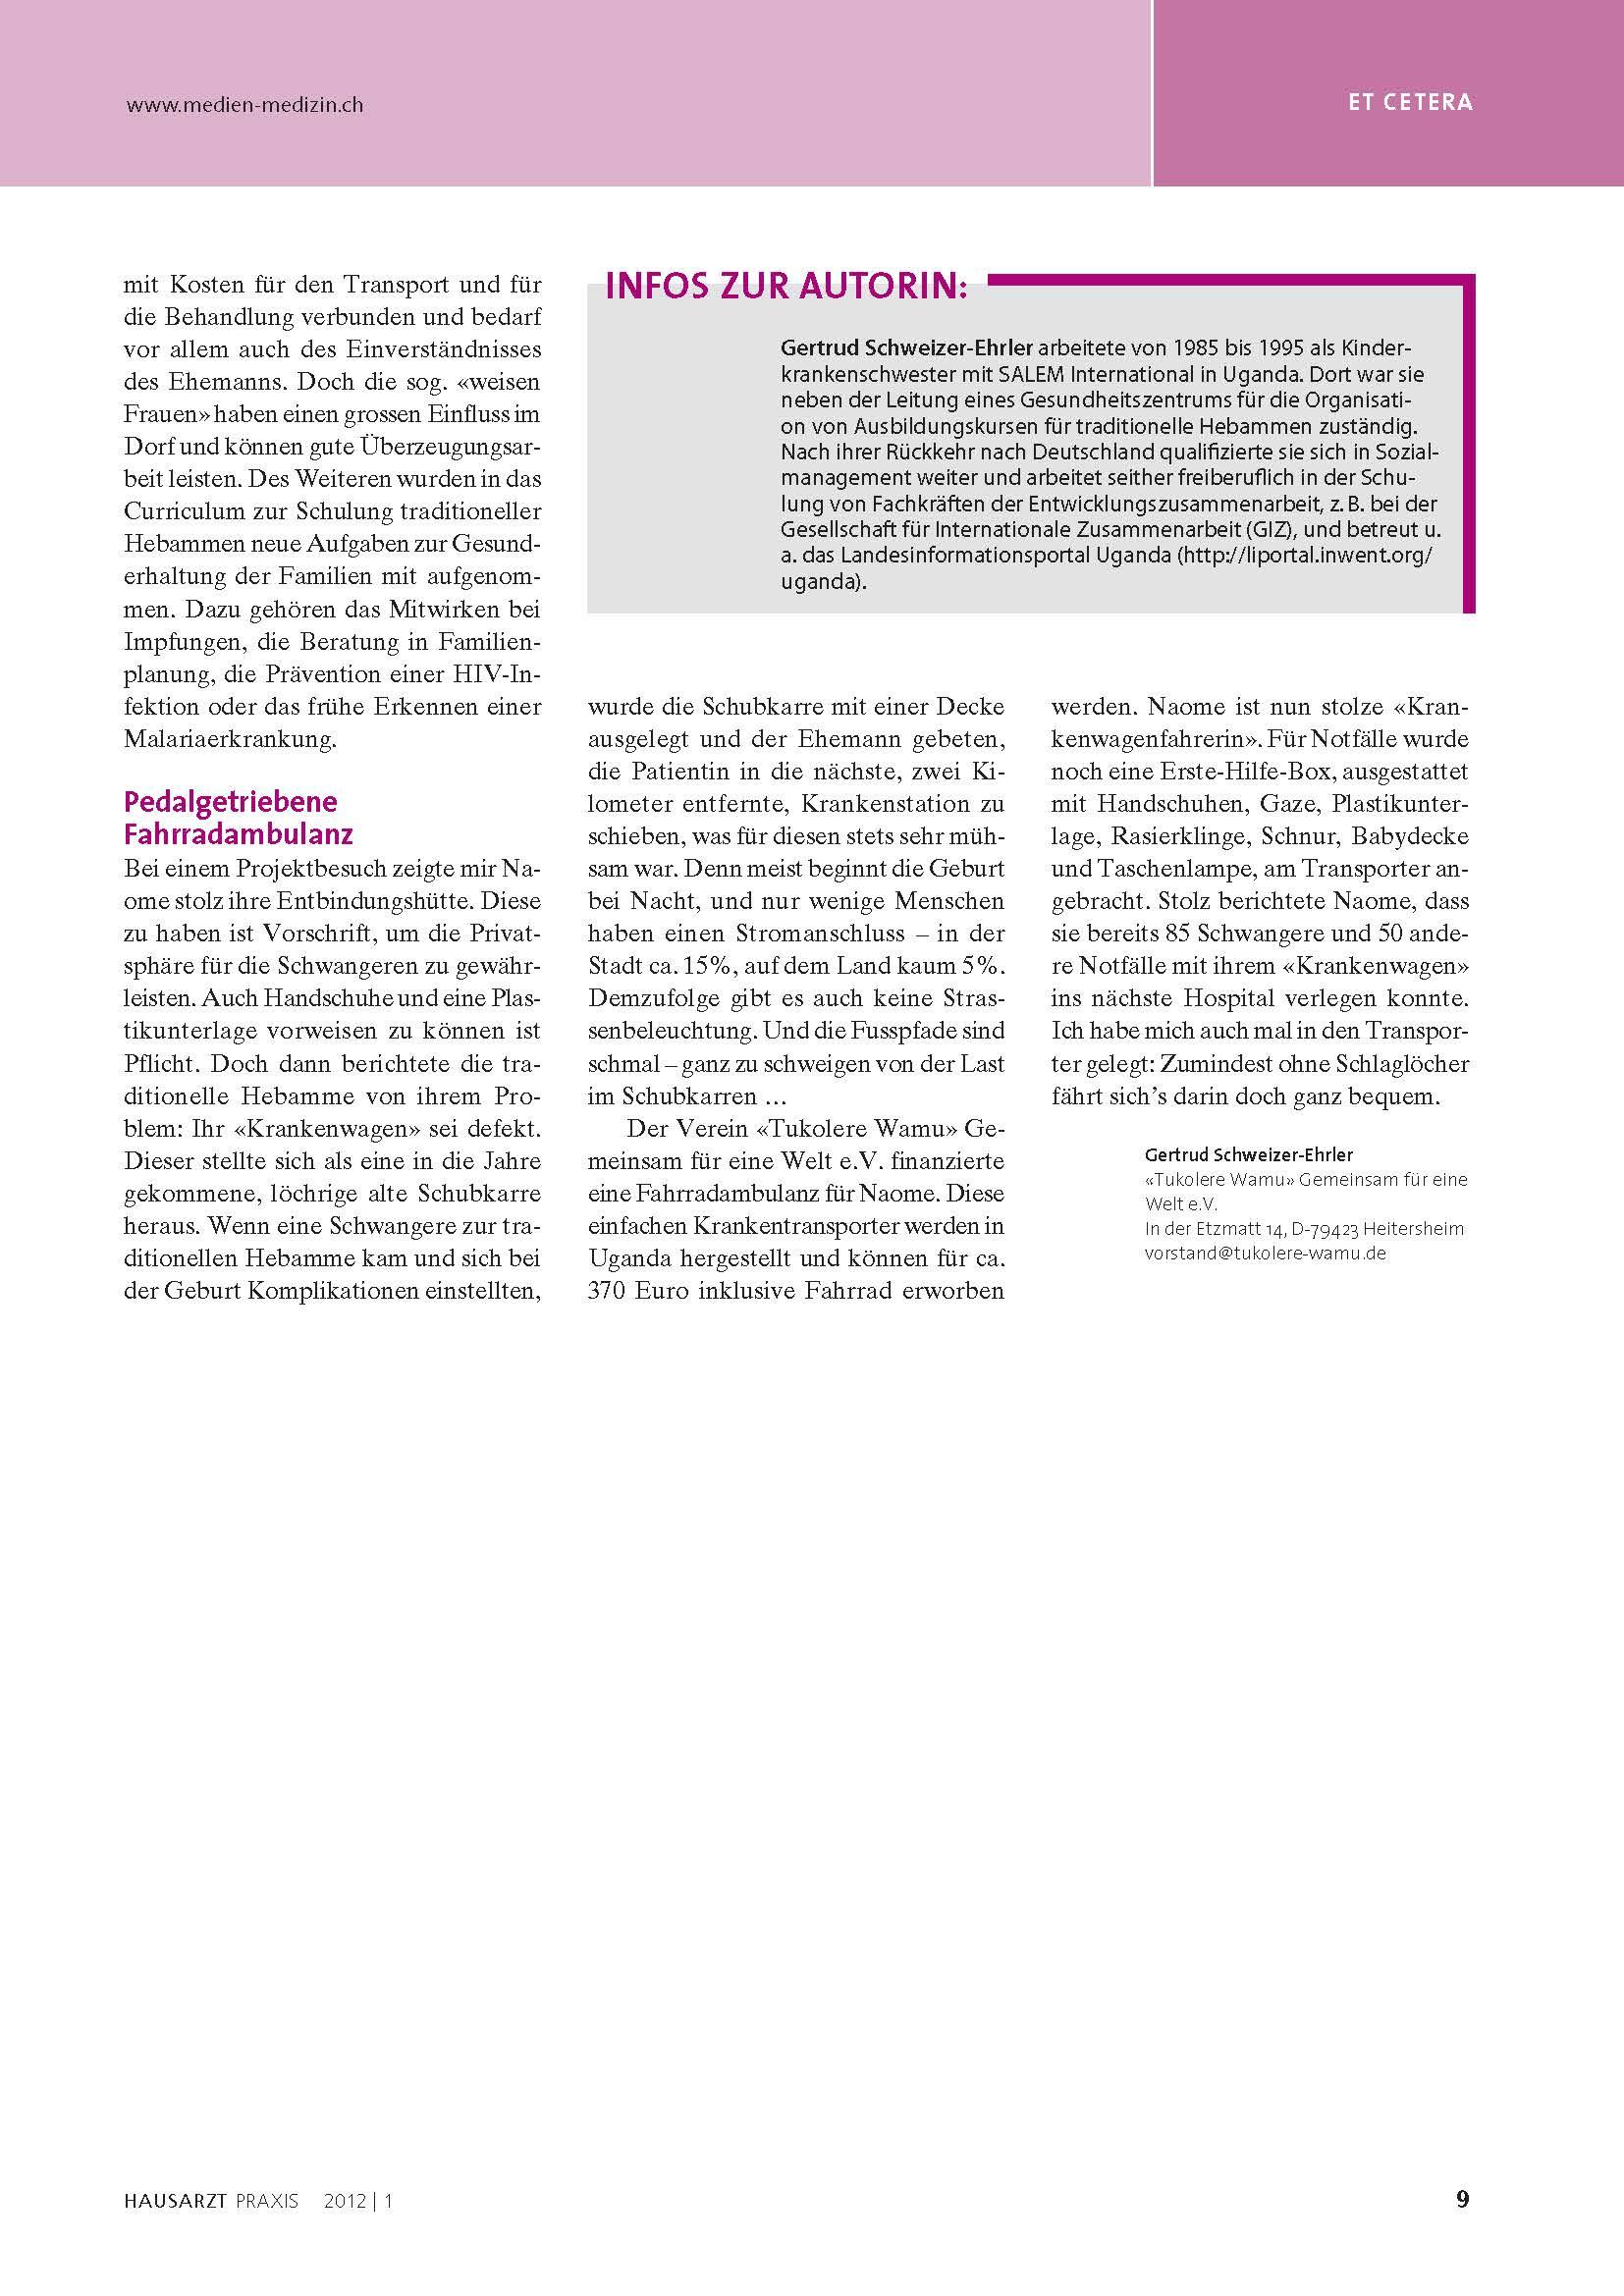 1201-1_Artikel mit Schubkarre zur Entbindung_Seite_2